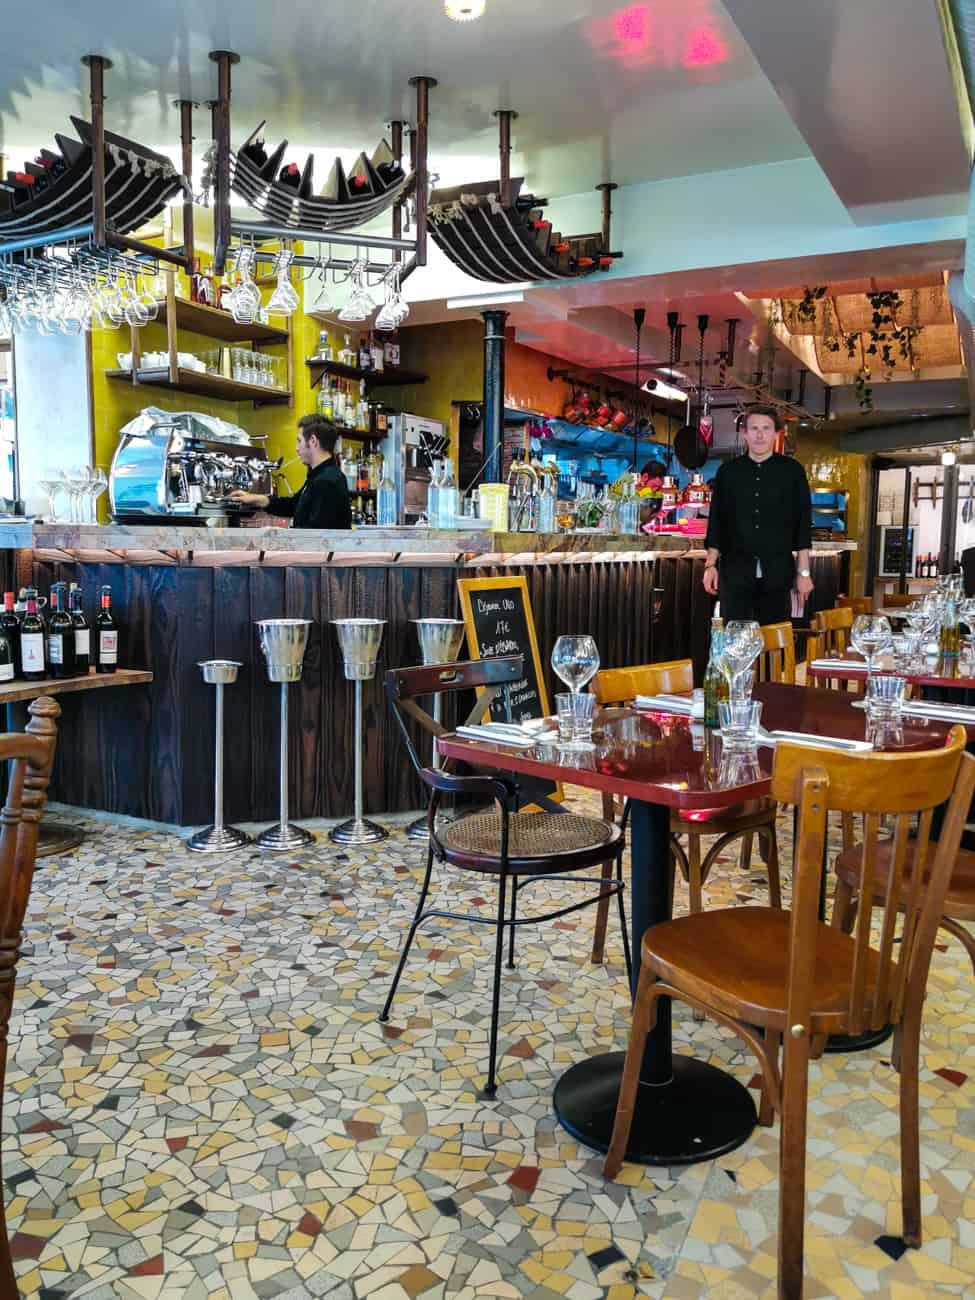 uno-restaurant-italien-pizzeria-les-halles-paris-8